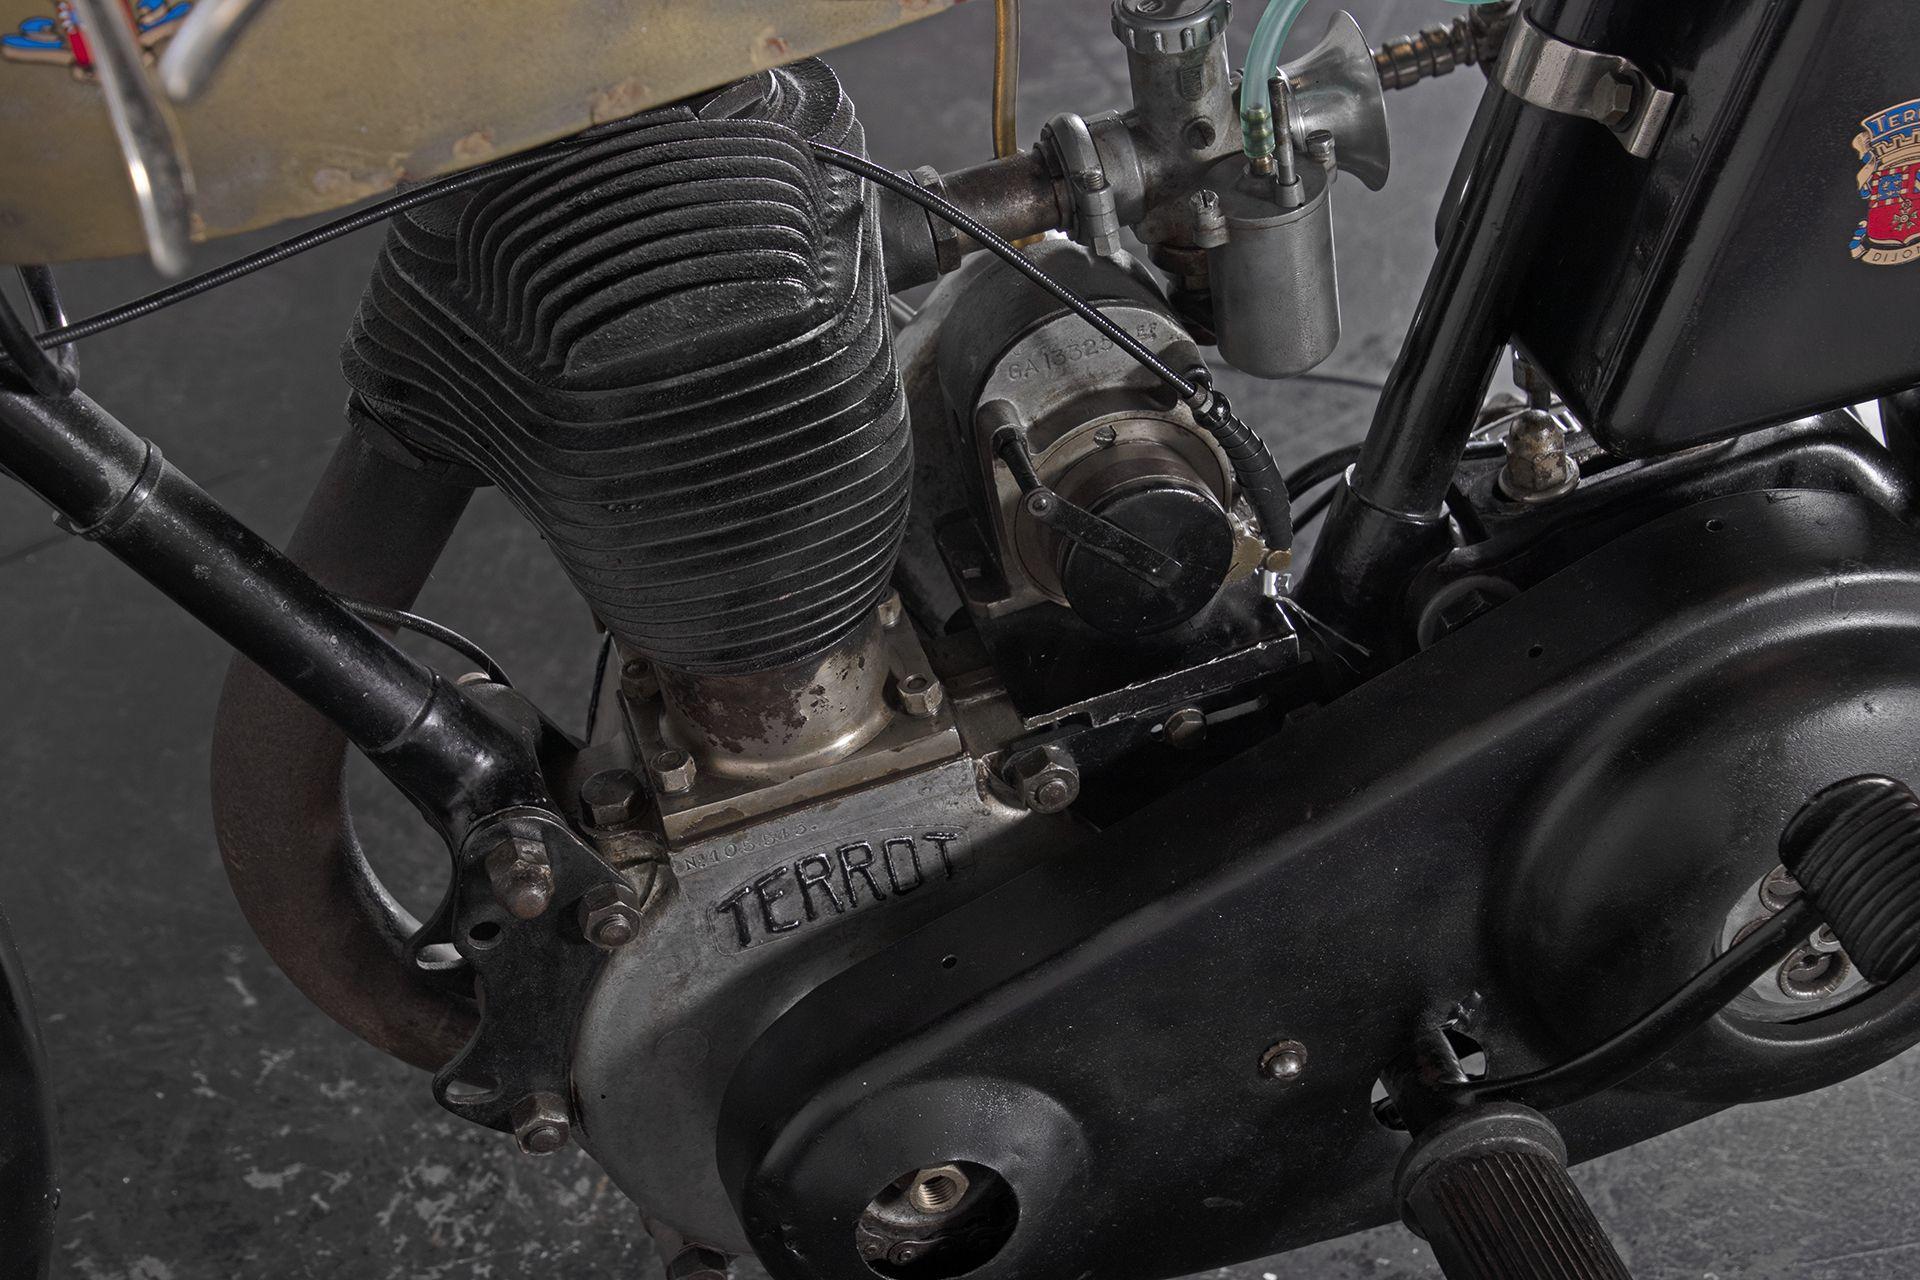 1928 TERROT 250 52931